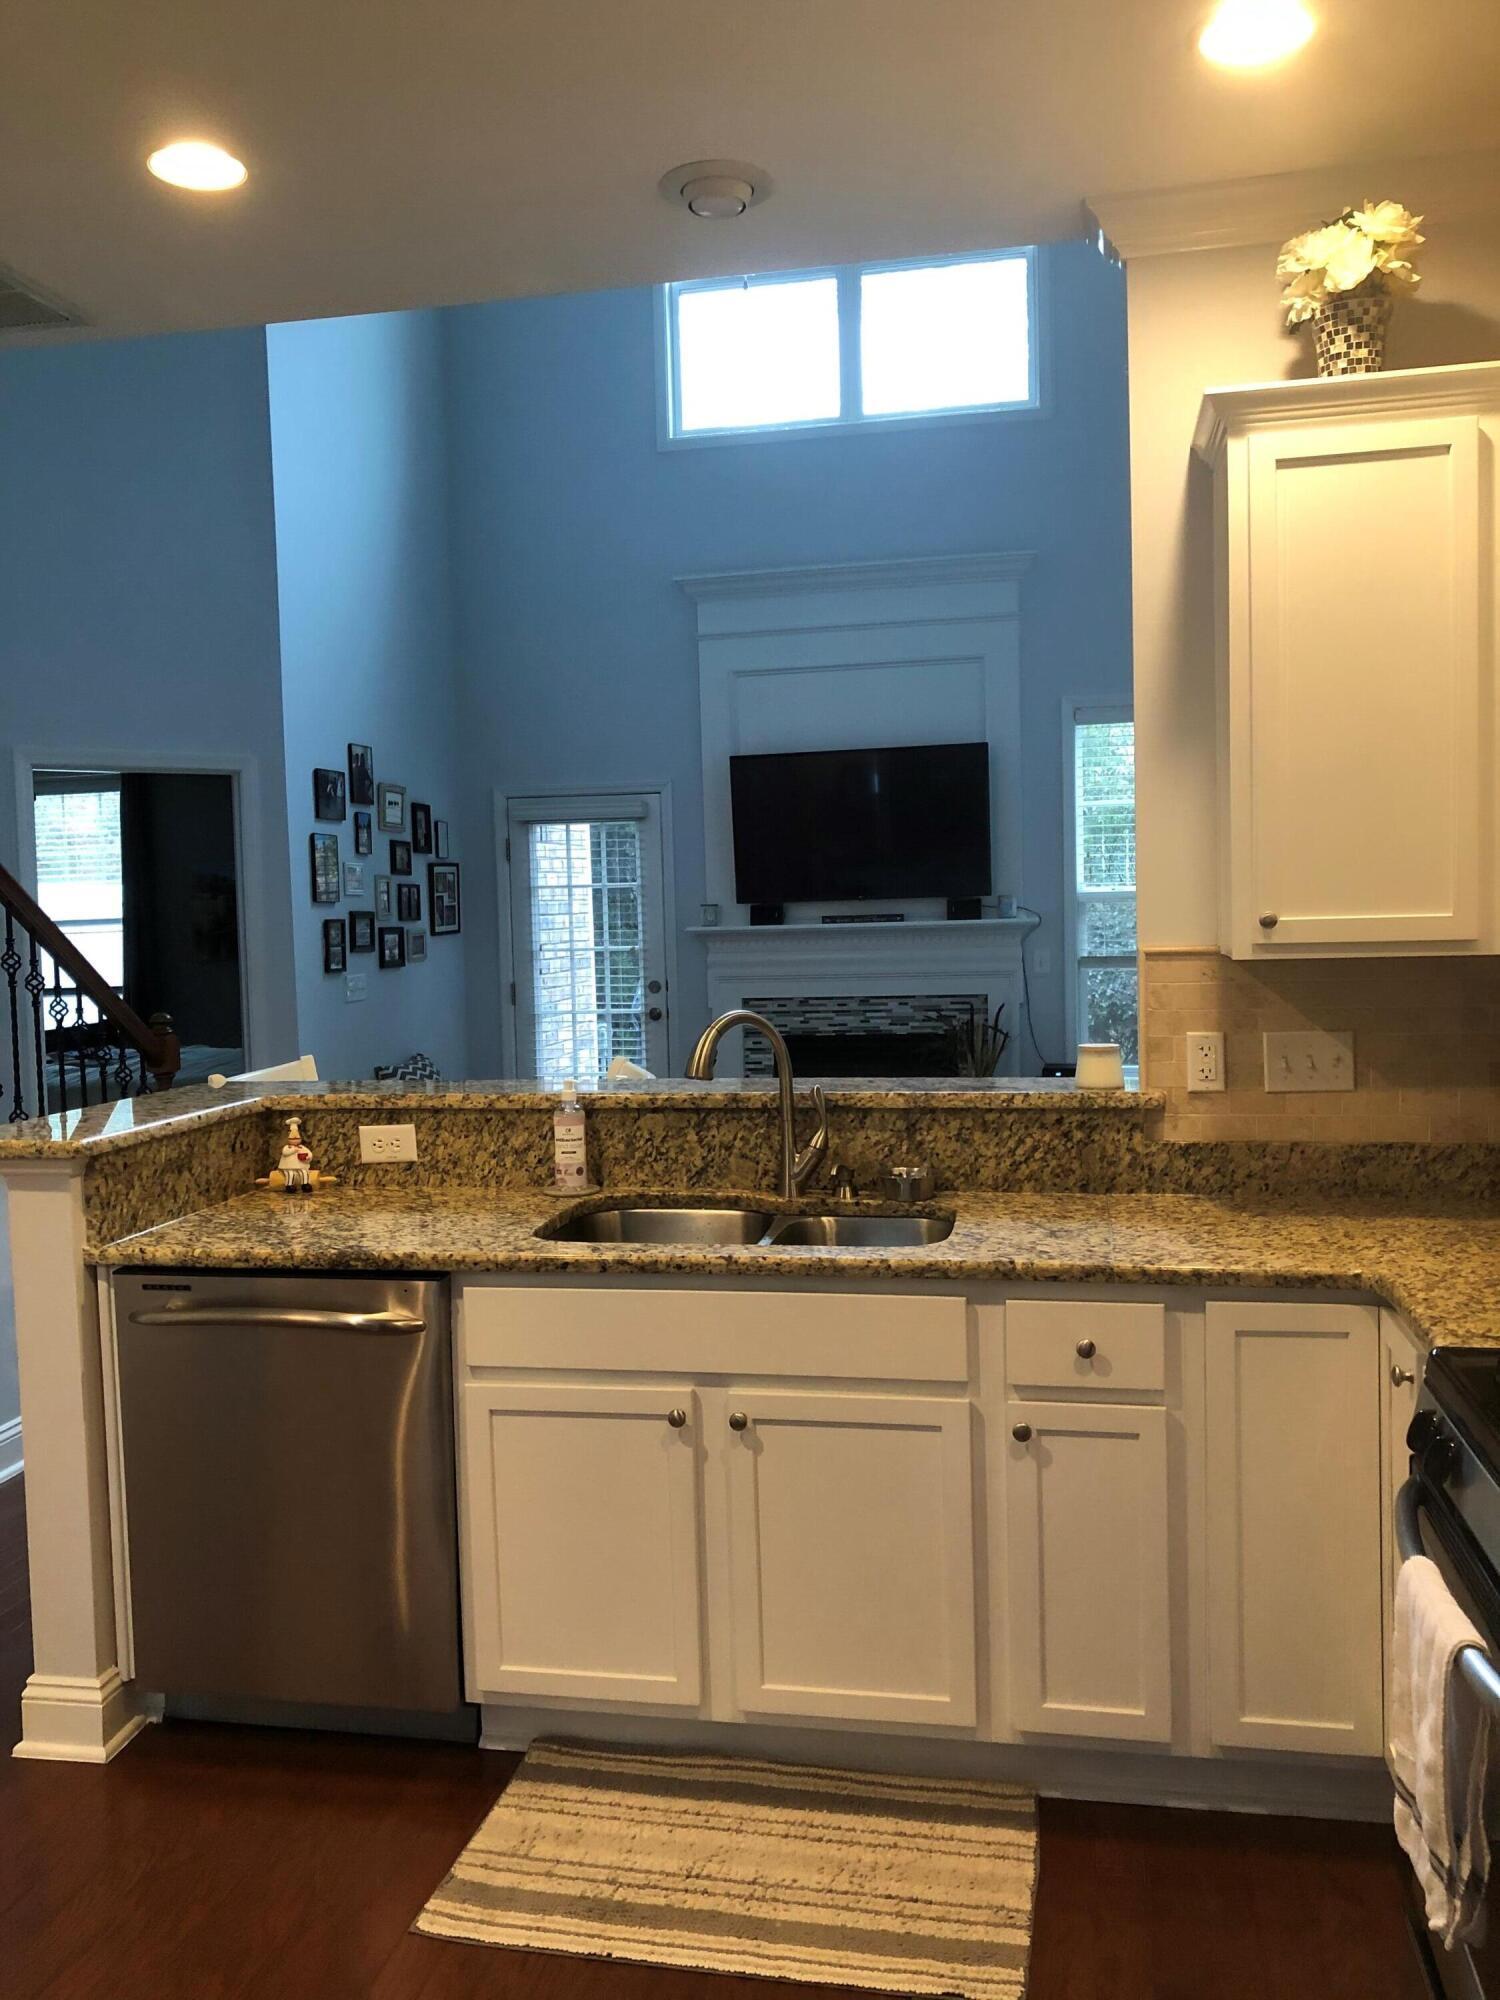 Park West Homes For Sale - 3643 Bagley, Mount Pleasant, SC - 23